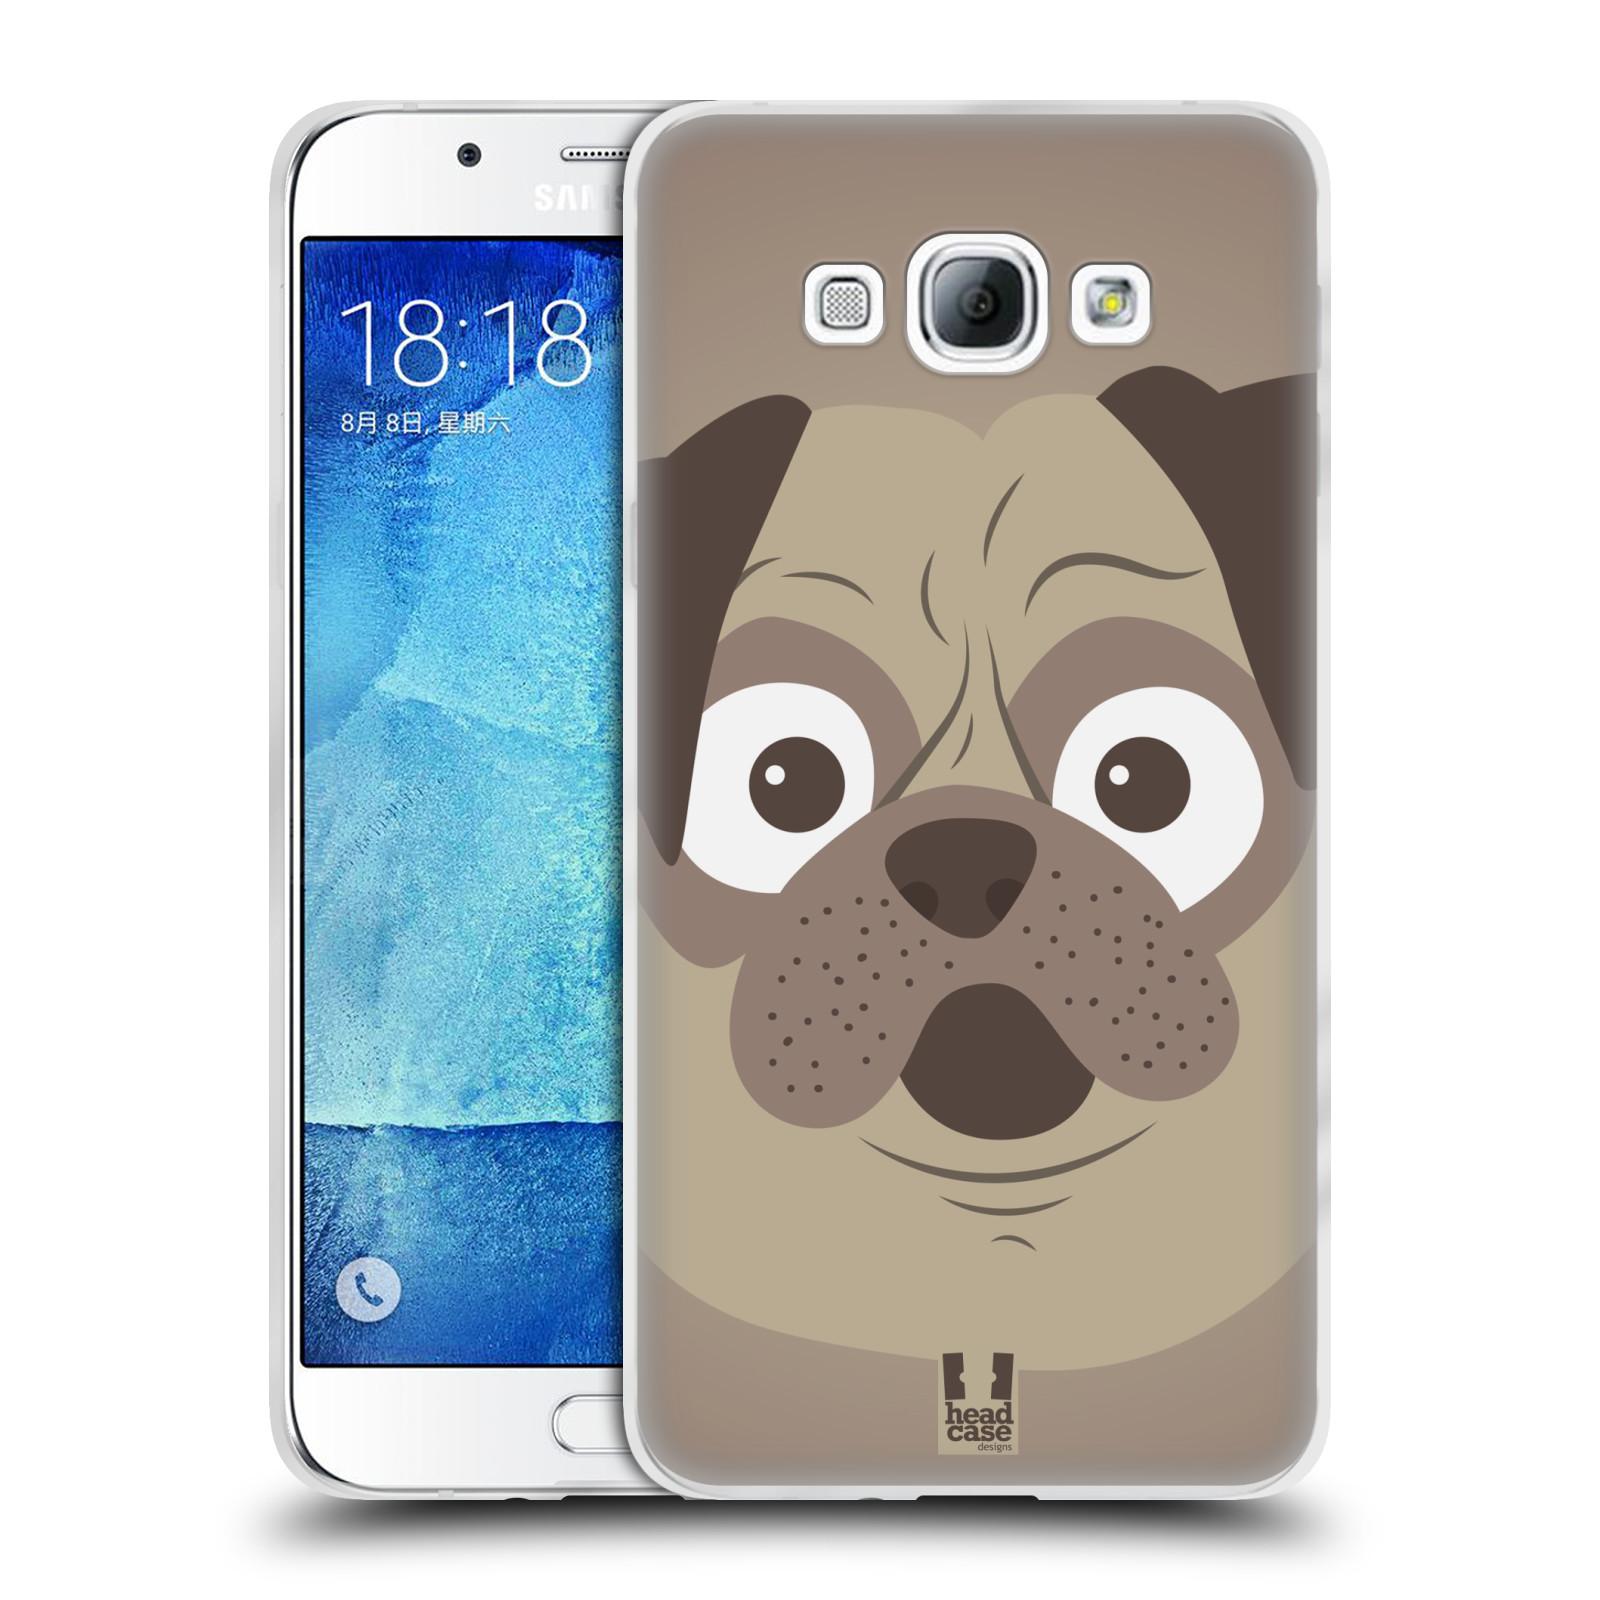 HEAD CASE silikonový obal na mobil Samsung Galaxy A8 vzor Cartoon Karikatura barevná kreslená zvířátka pes mopsík